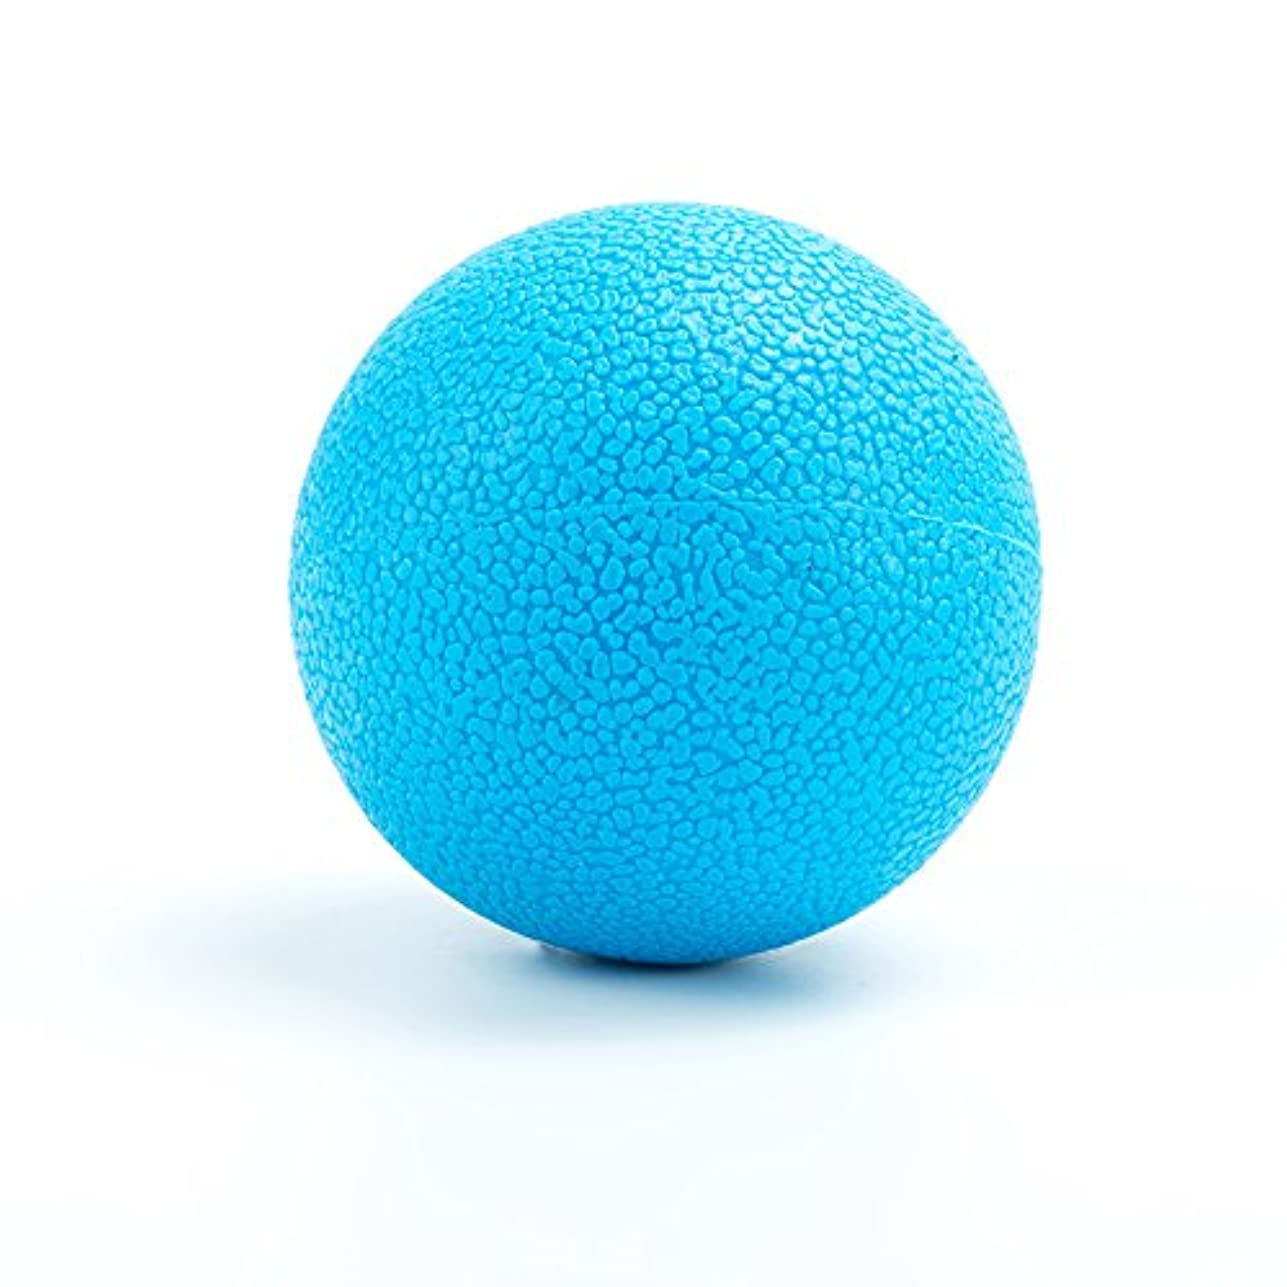 管理パニック幻想的Massage Ball マッサージボール 筋膜リリース Yoga Lacrosse Ball 背中 肩こり 腰 ふくらはぎ 足裏 ツボ押しグッズ